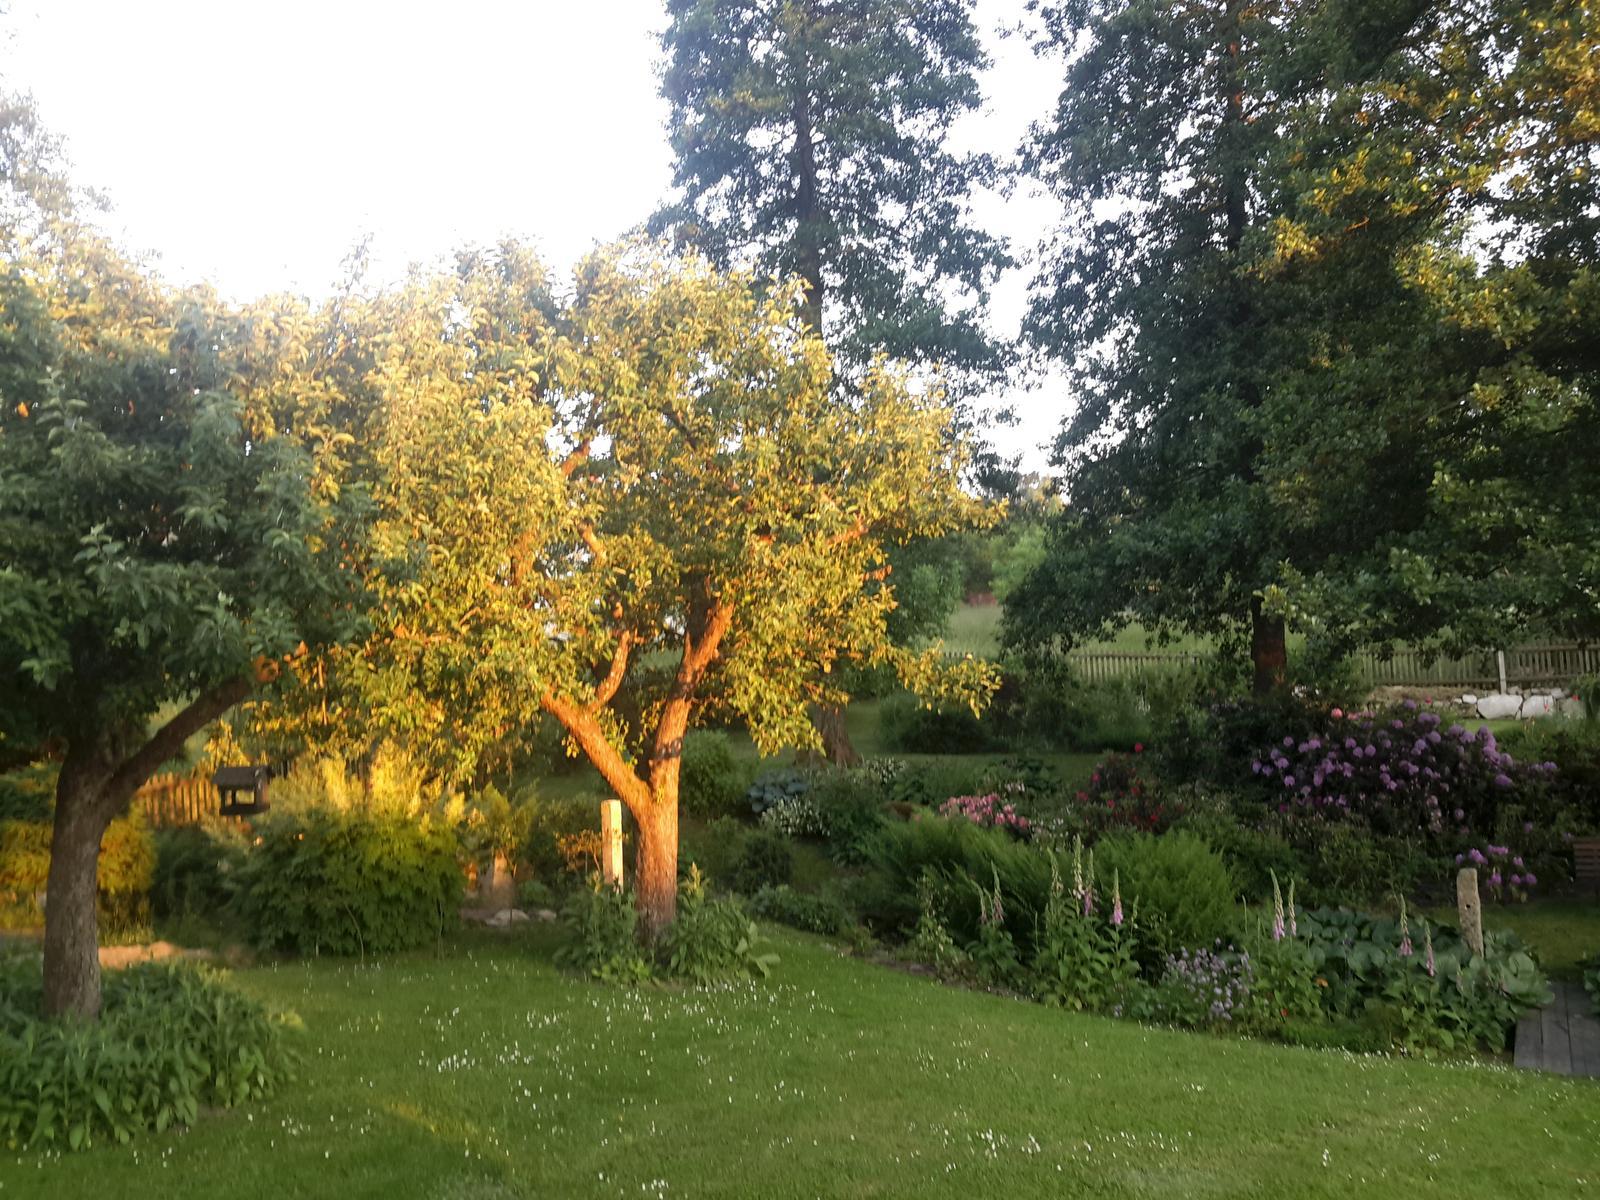 Jihočeská venkovská zahrada. - Takto nám pozlatí zapadající slunce obyčejnou jabloň.